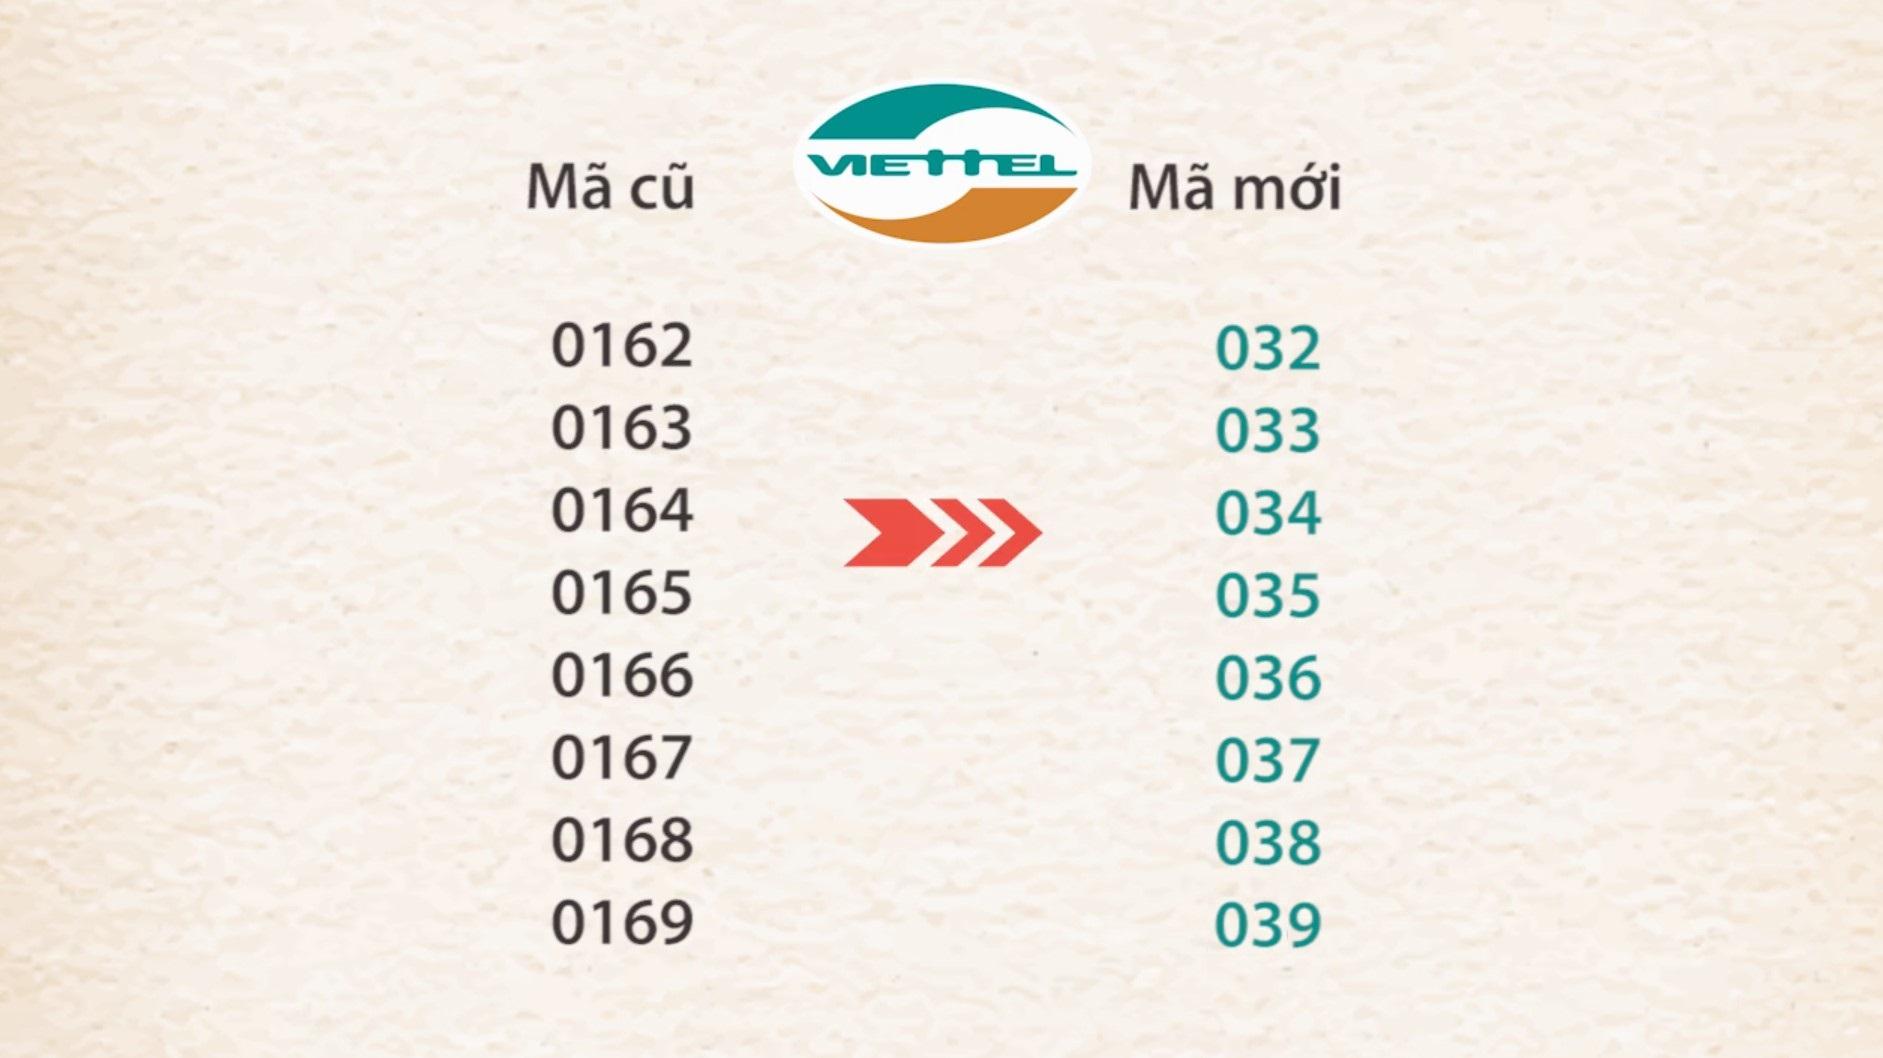 Chuyển đổi mạng Viettel